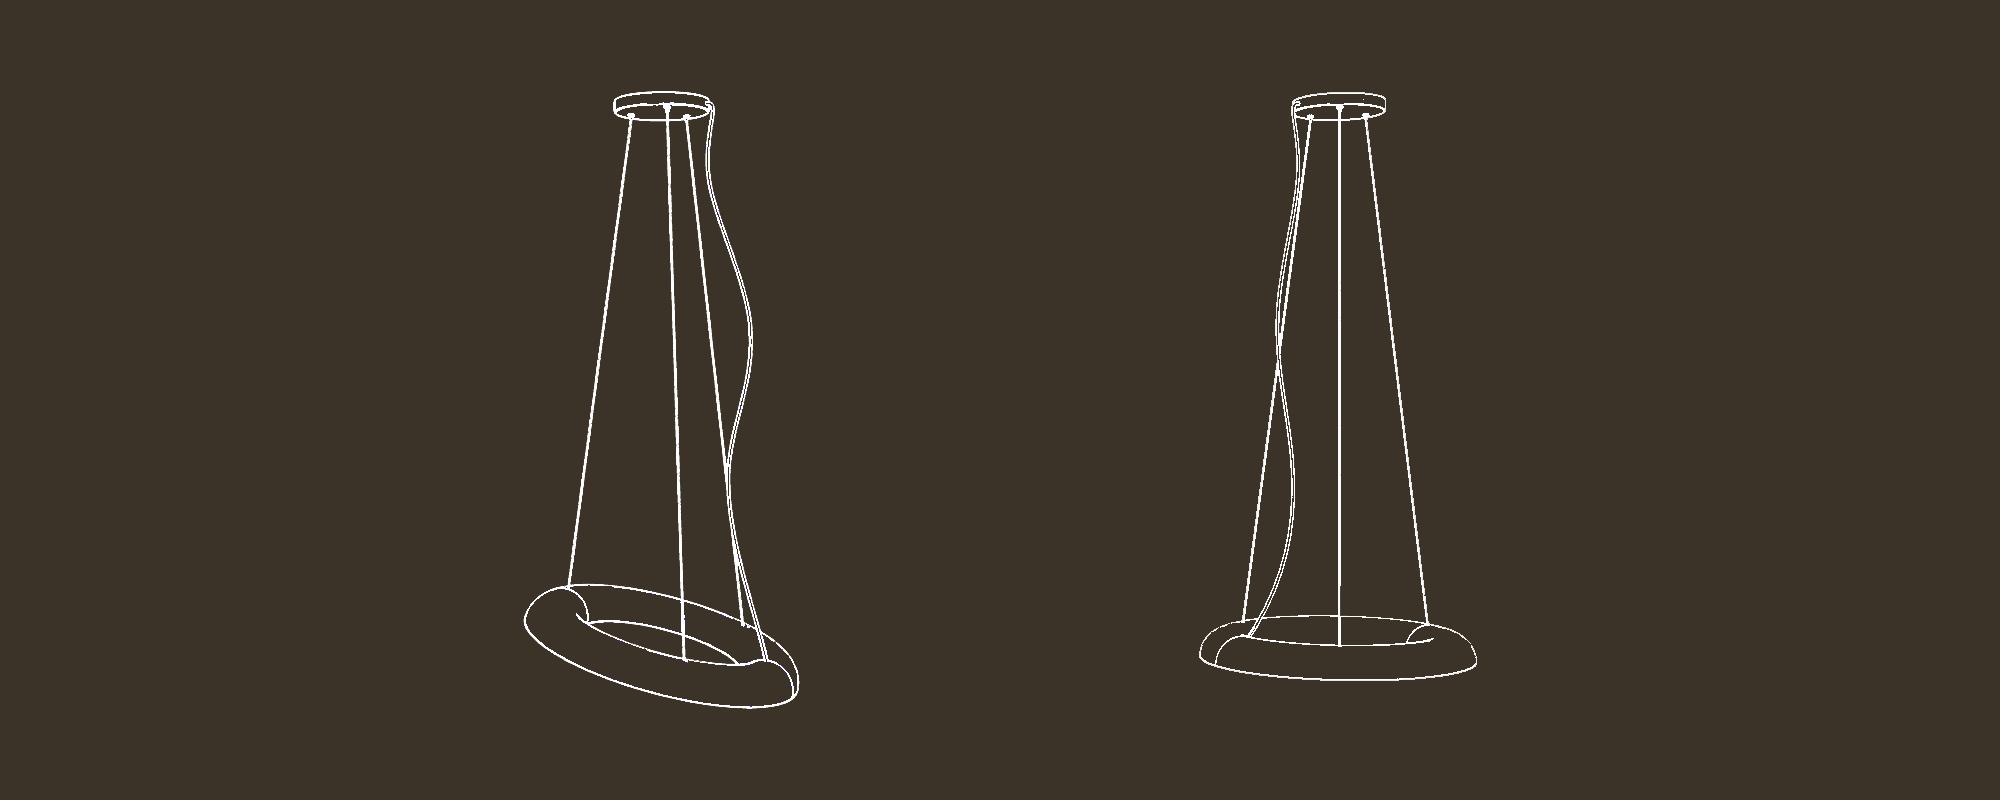 MESURA Pendant lamps